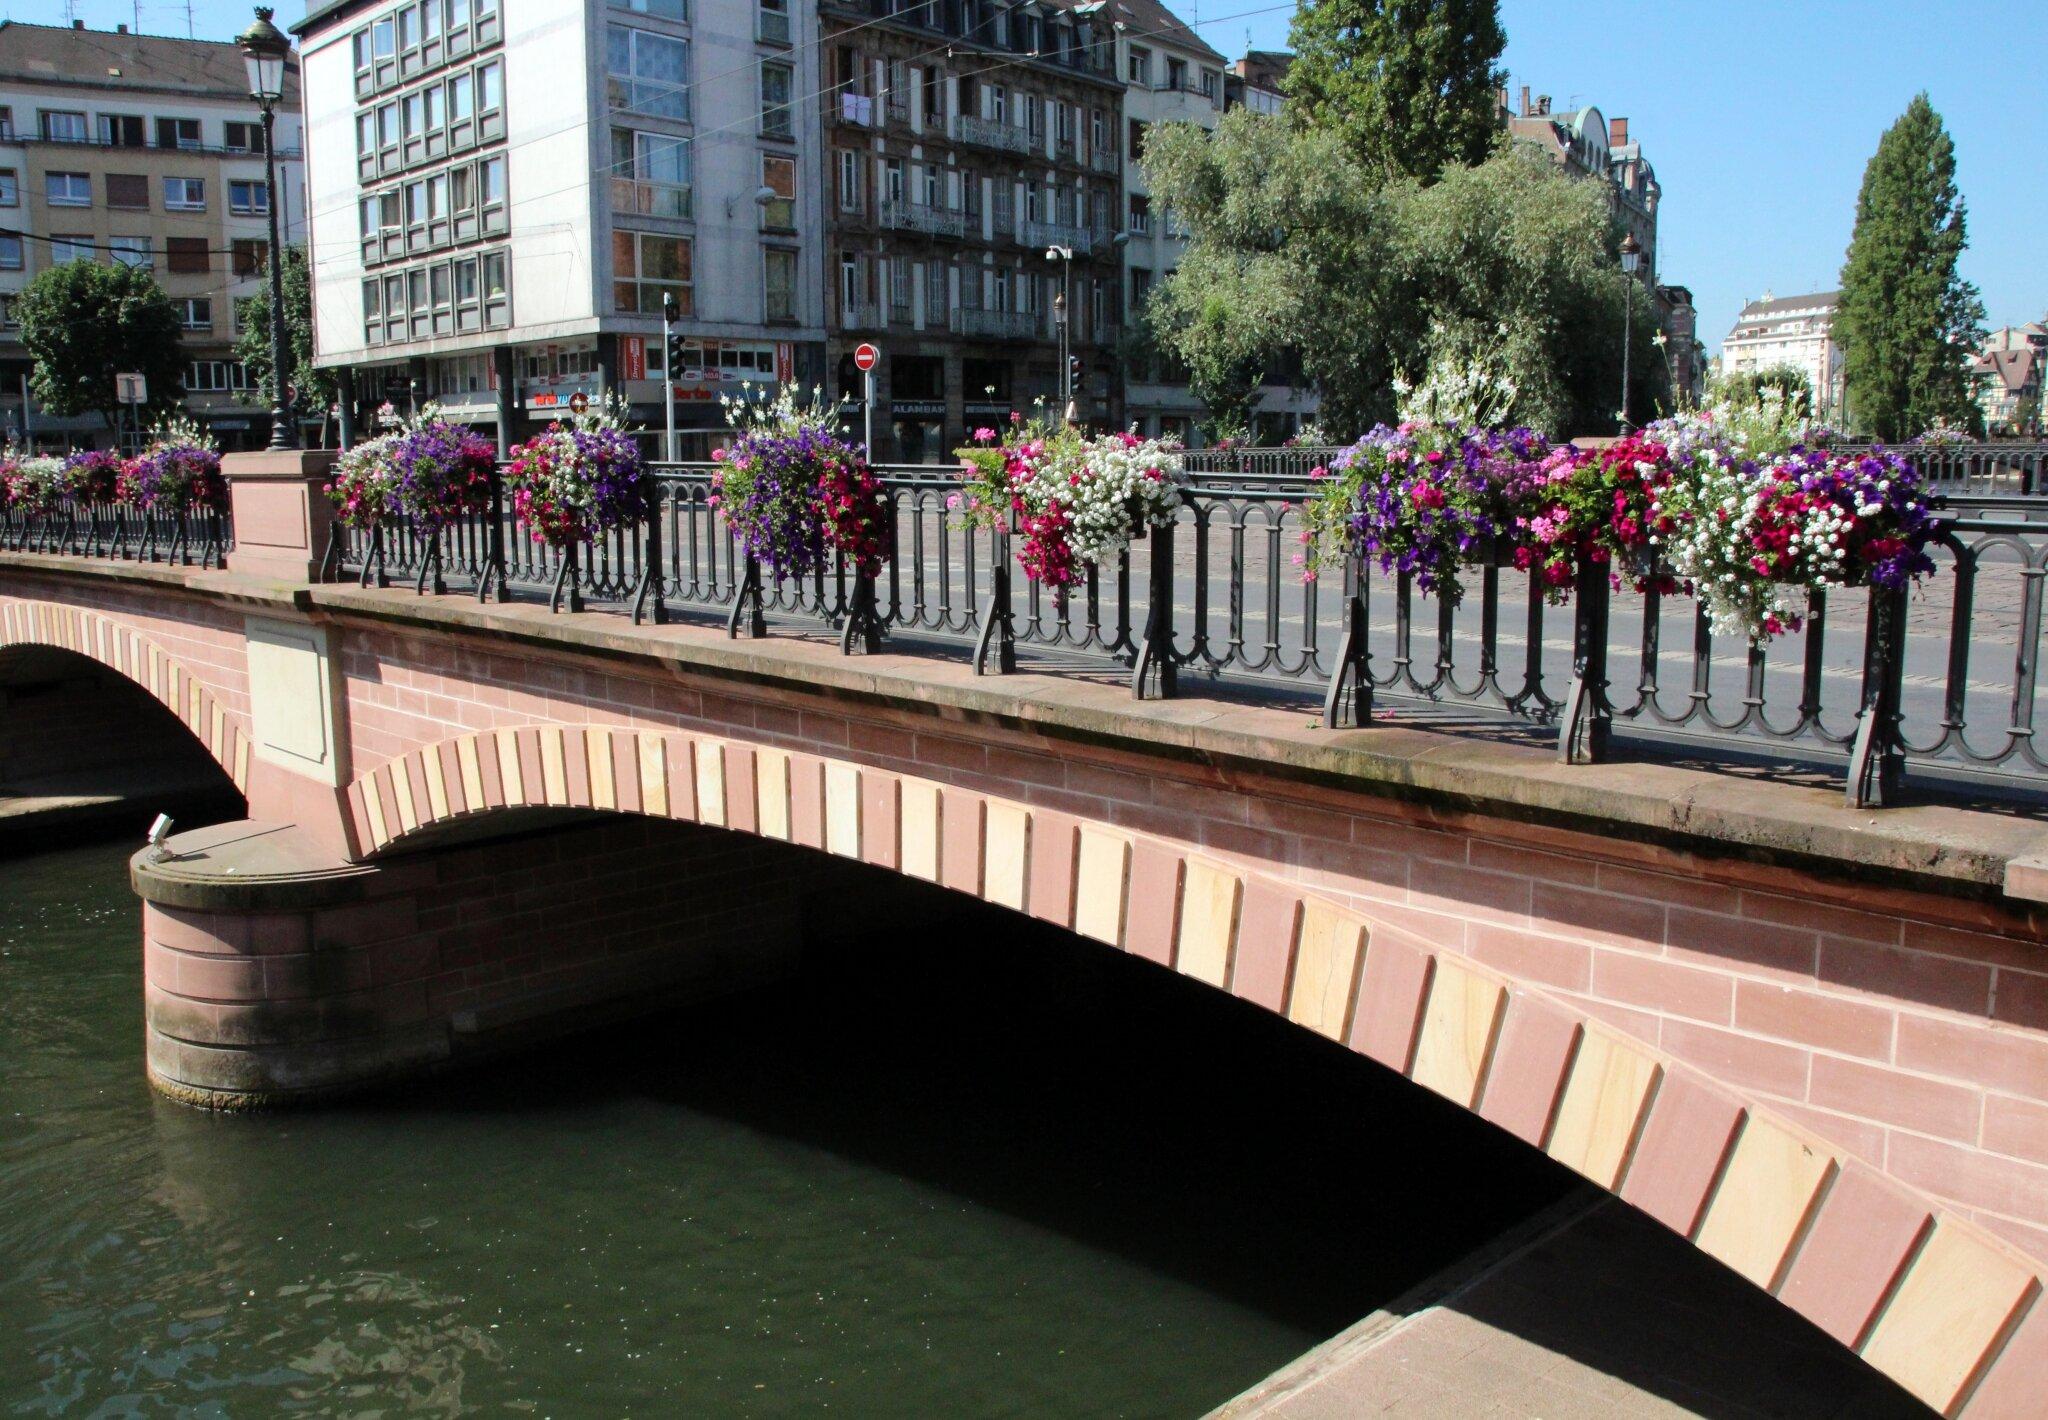 Le pont de saverne photo de strasbourg les pigeons for Salon de la gastronomie strasbourg